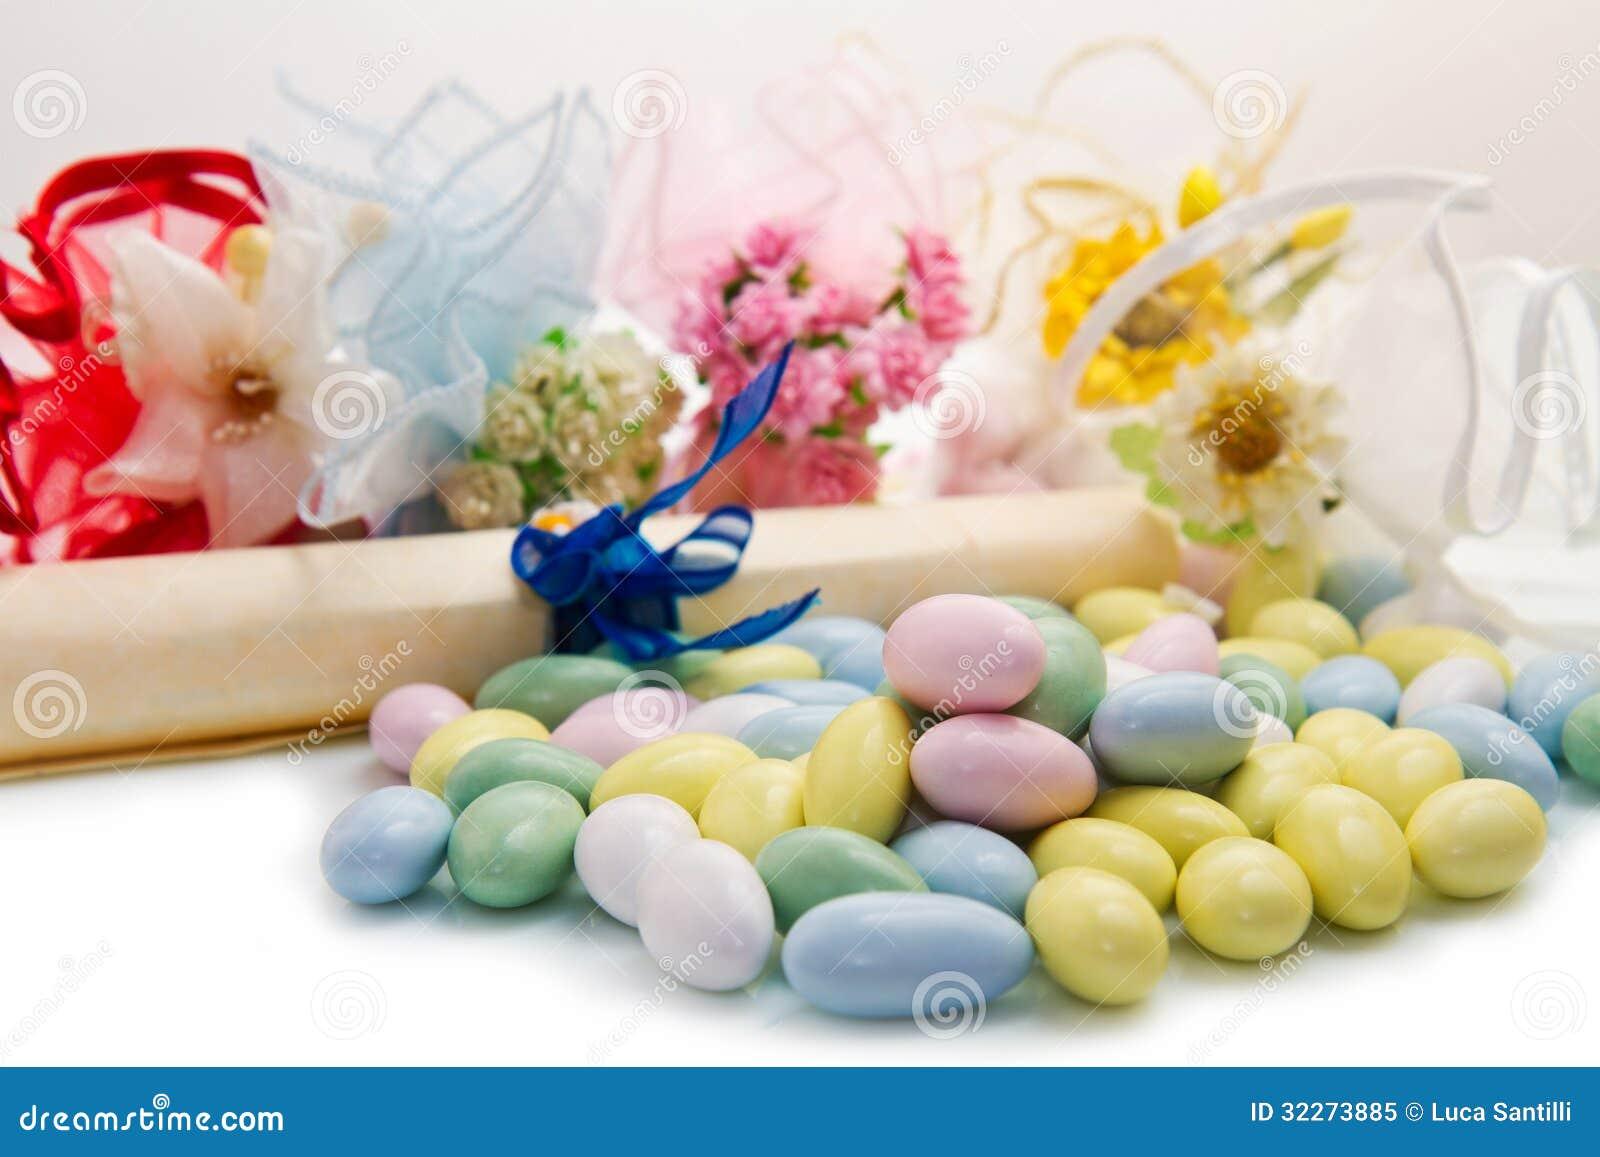 Faveur colorée différente de sucrerie